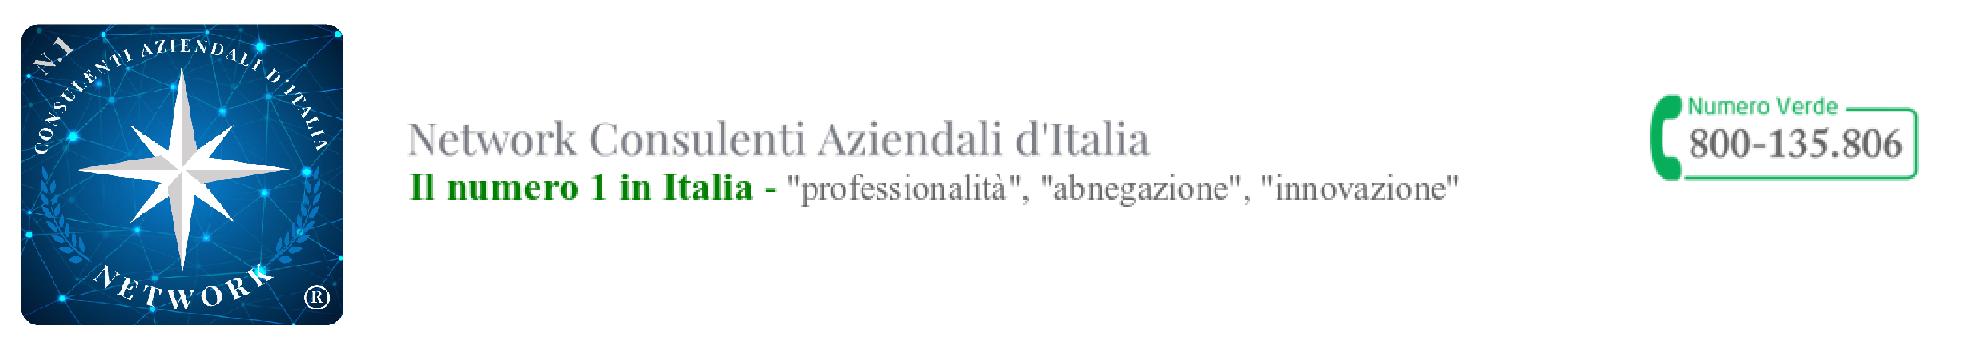 Consulenti aziendali d'Italia